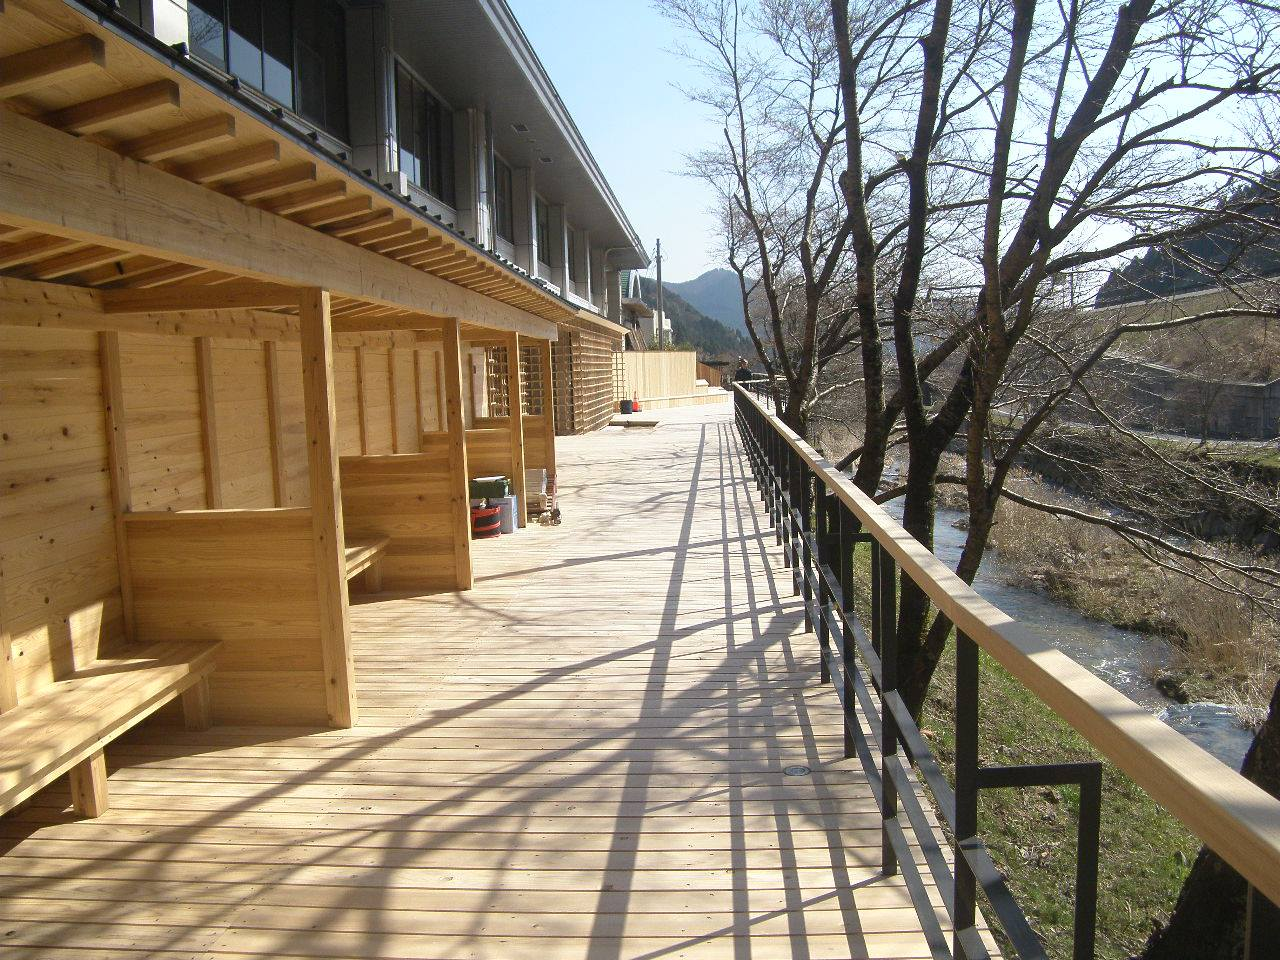 【公共施設】西粟倉村 道の駅「あわくらんど」木回廊